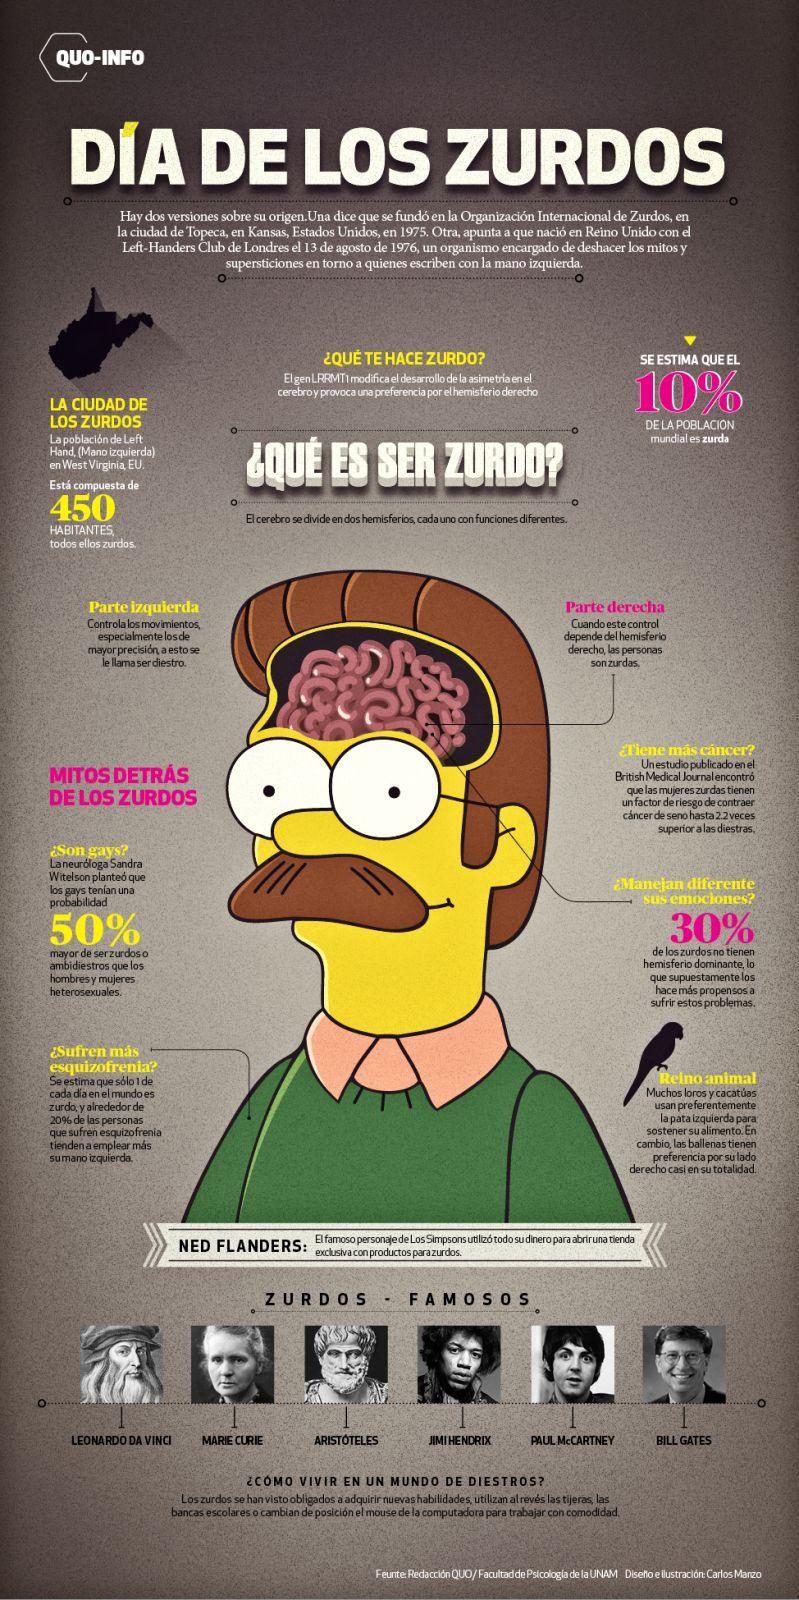 Pin De Dey Moreno En Imagenes Frases Humor Frases Divertidas Frases Graciosas